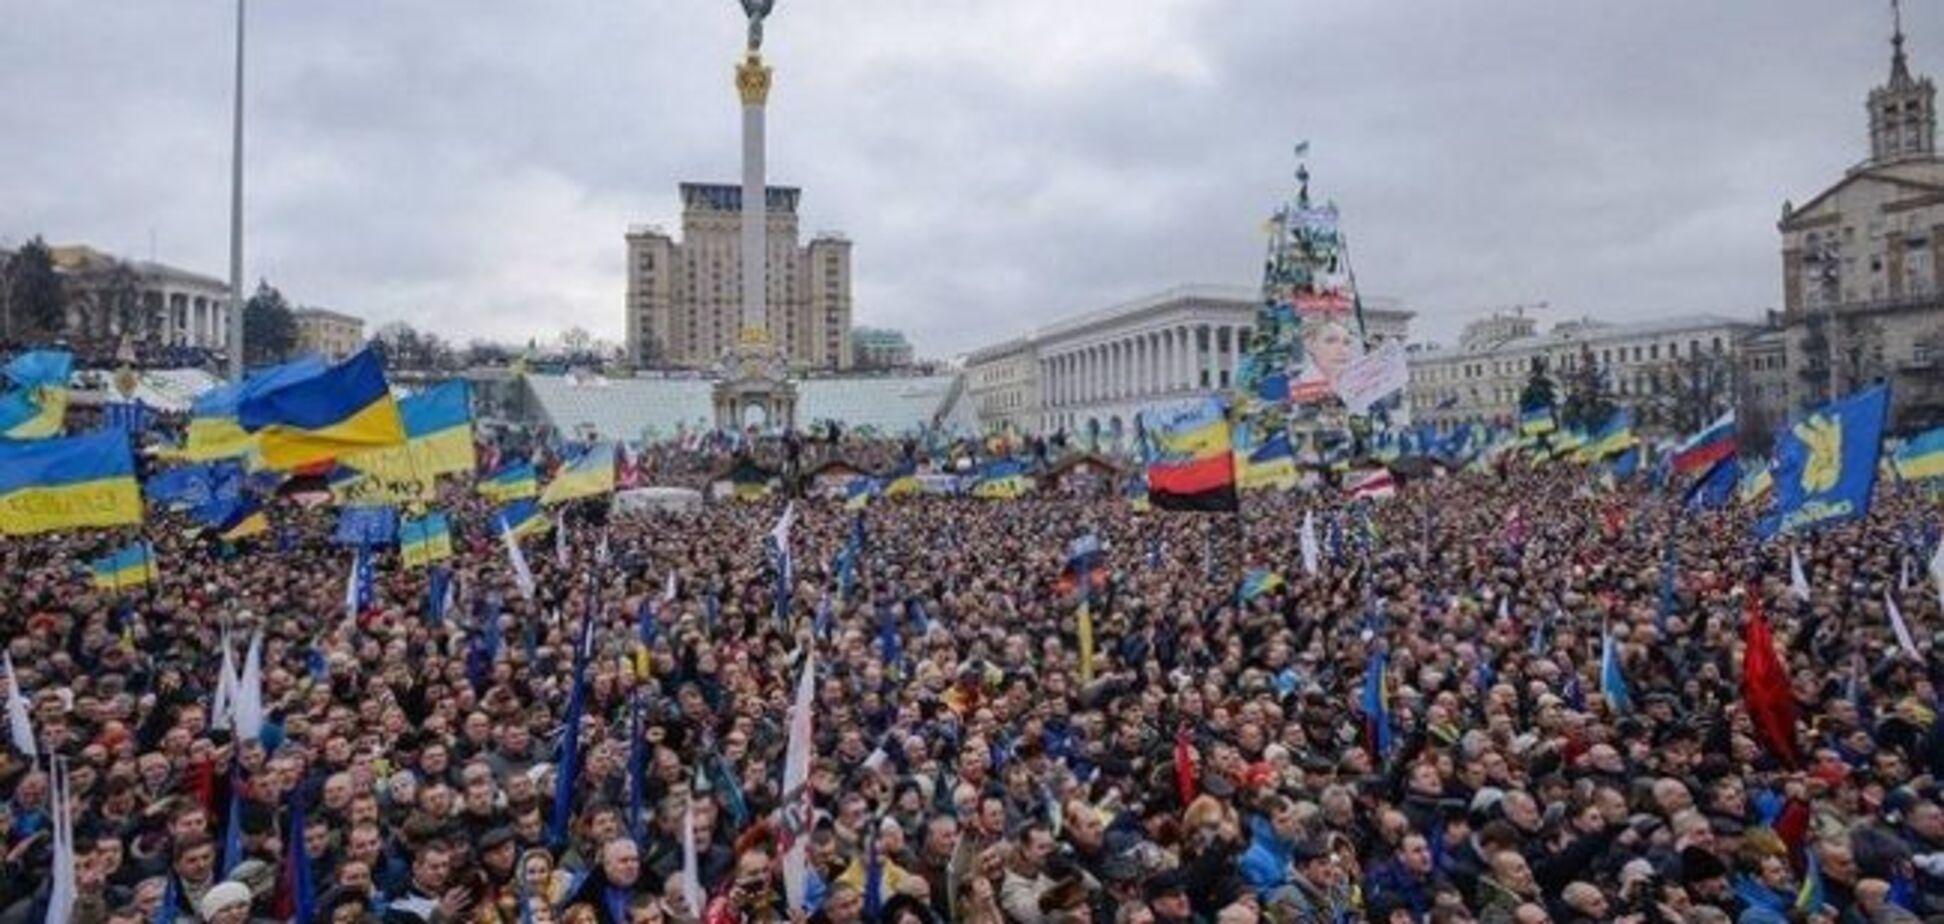 'Крым уплыл': журналист остро высмеял скандал вокруг революции в Украине